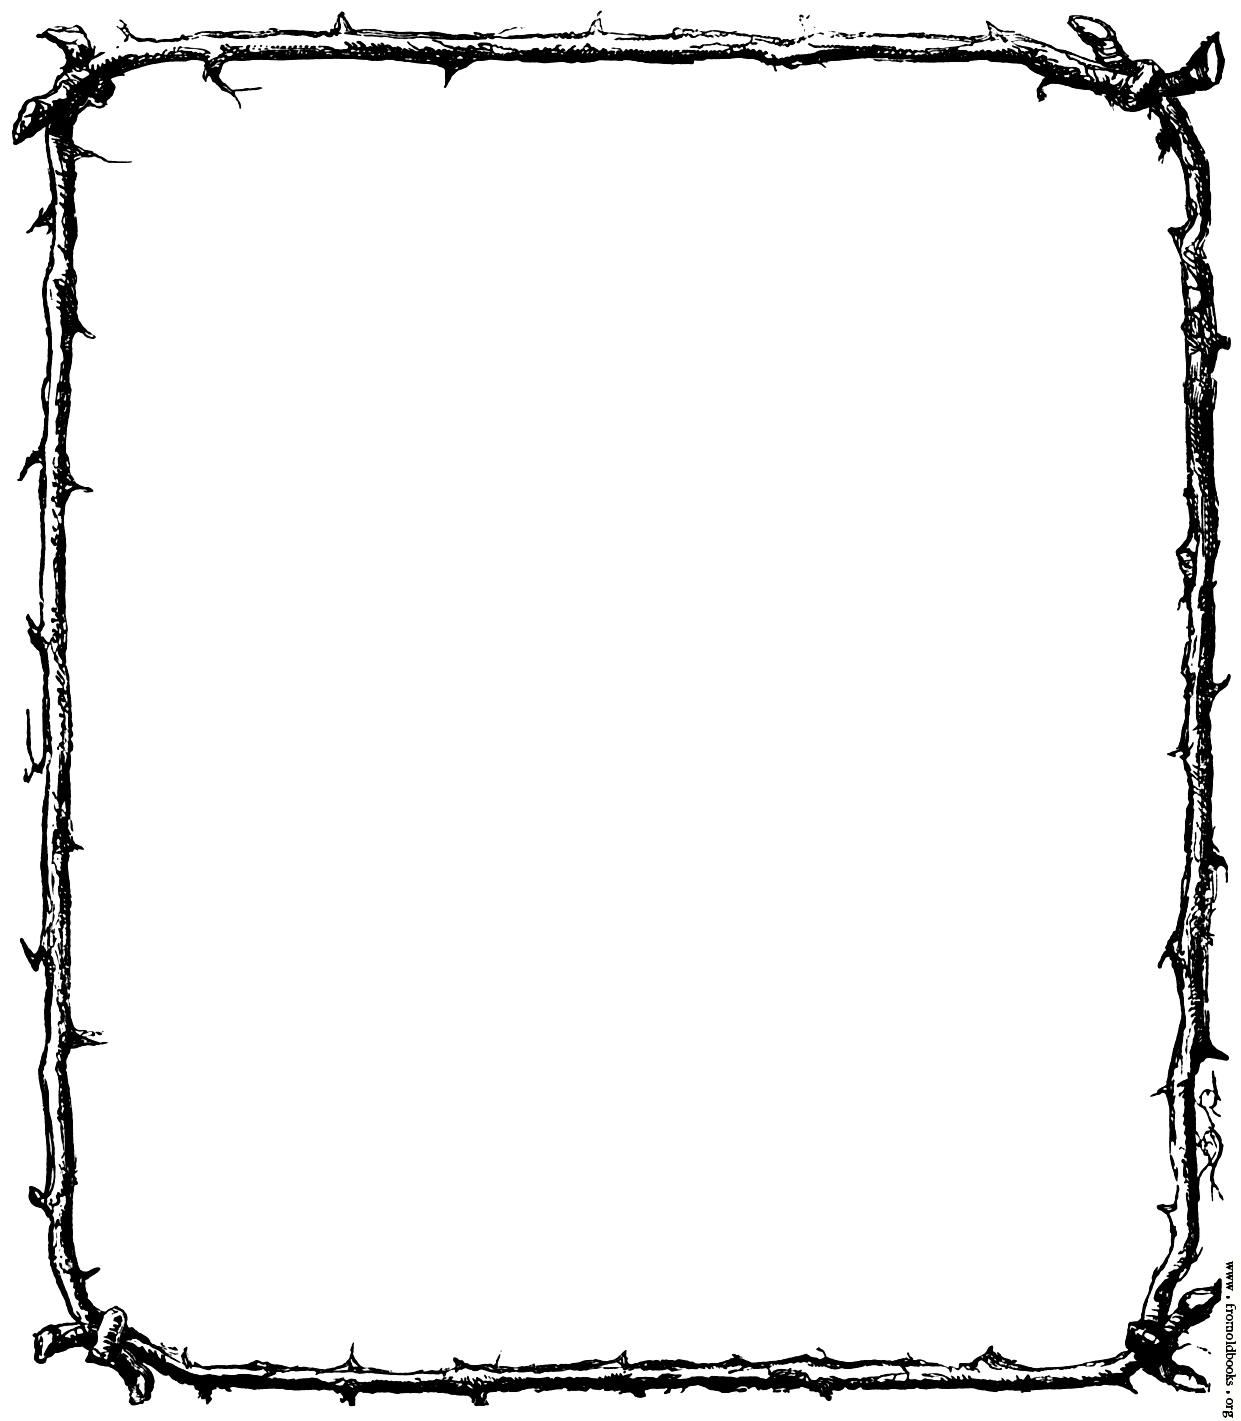 1241x1421 Western Frames Borders